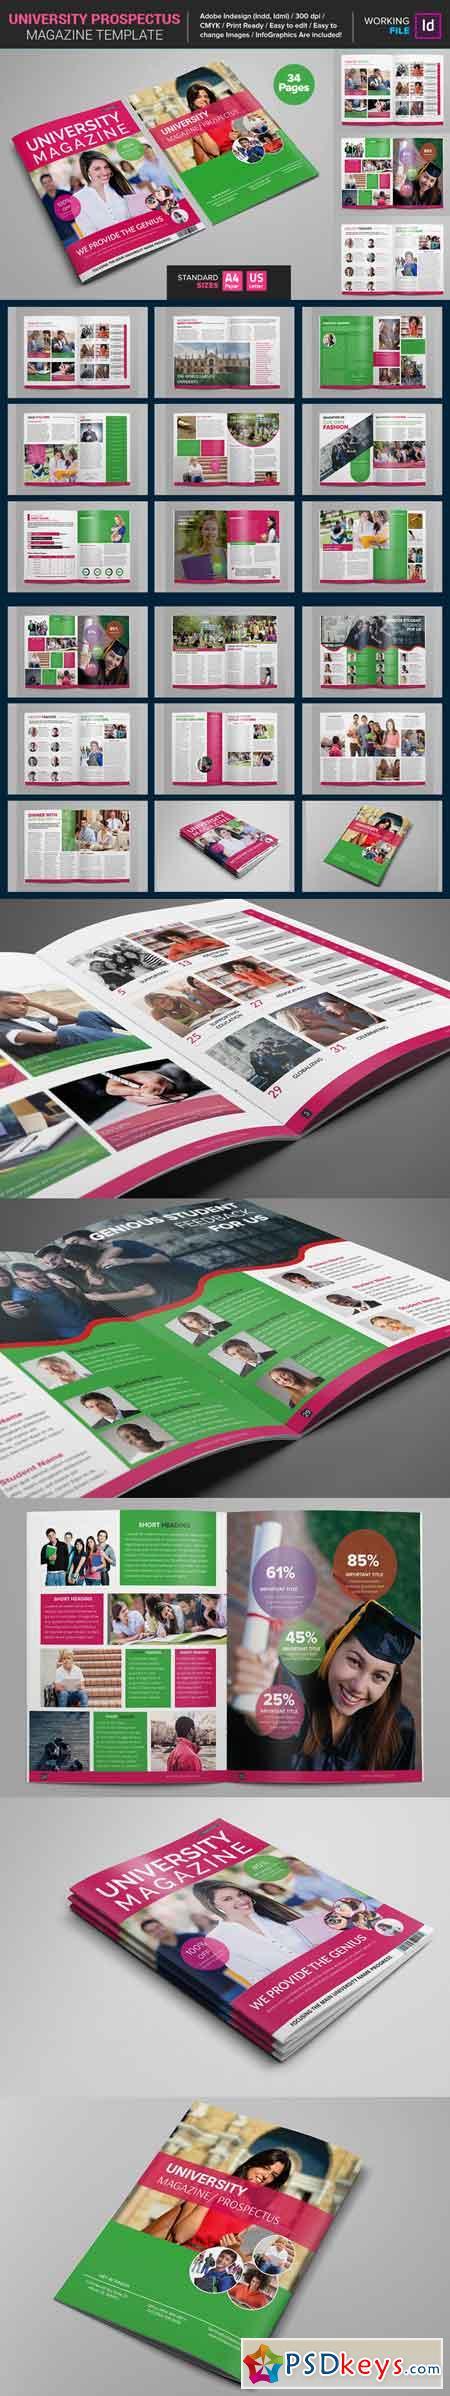 University Prospectus Magazine 661877